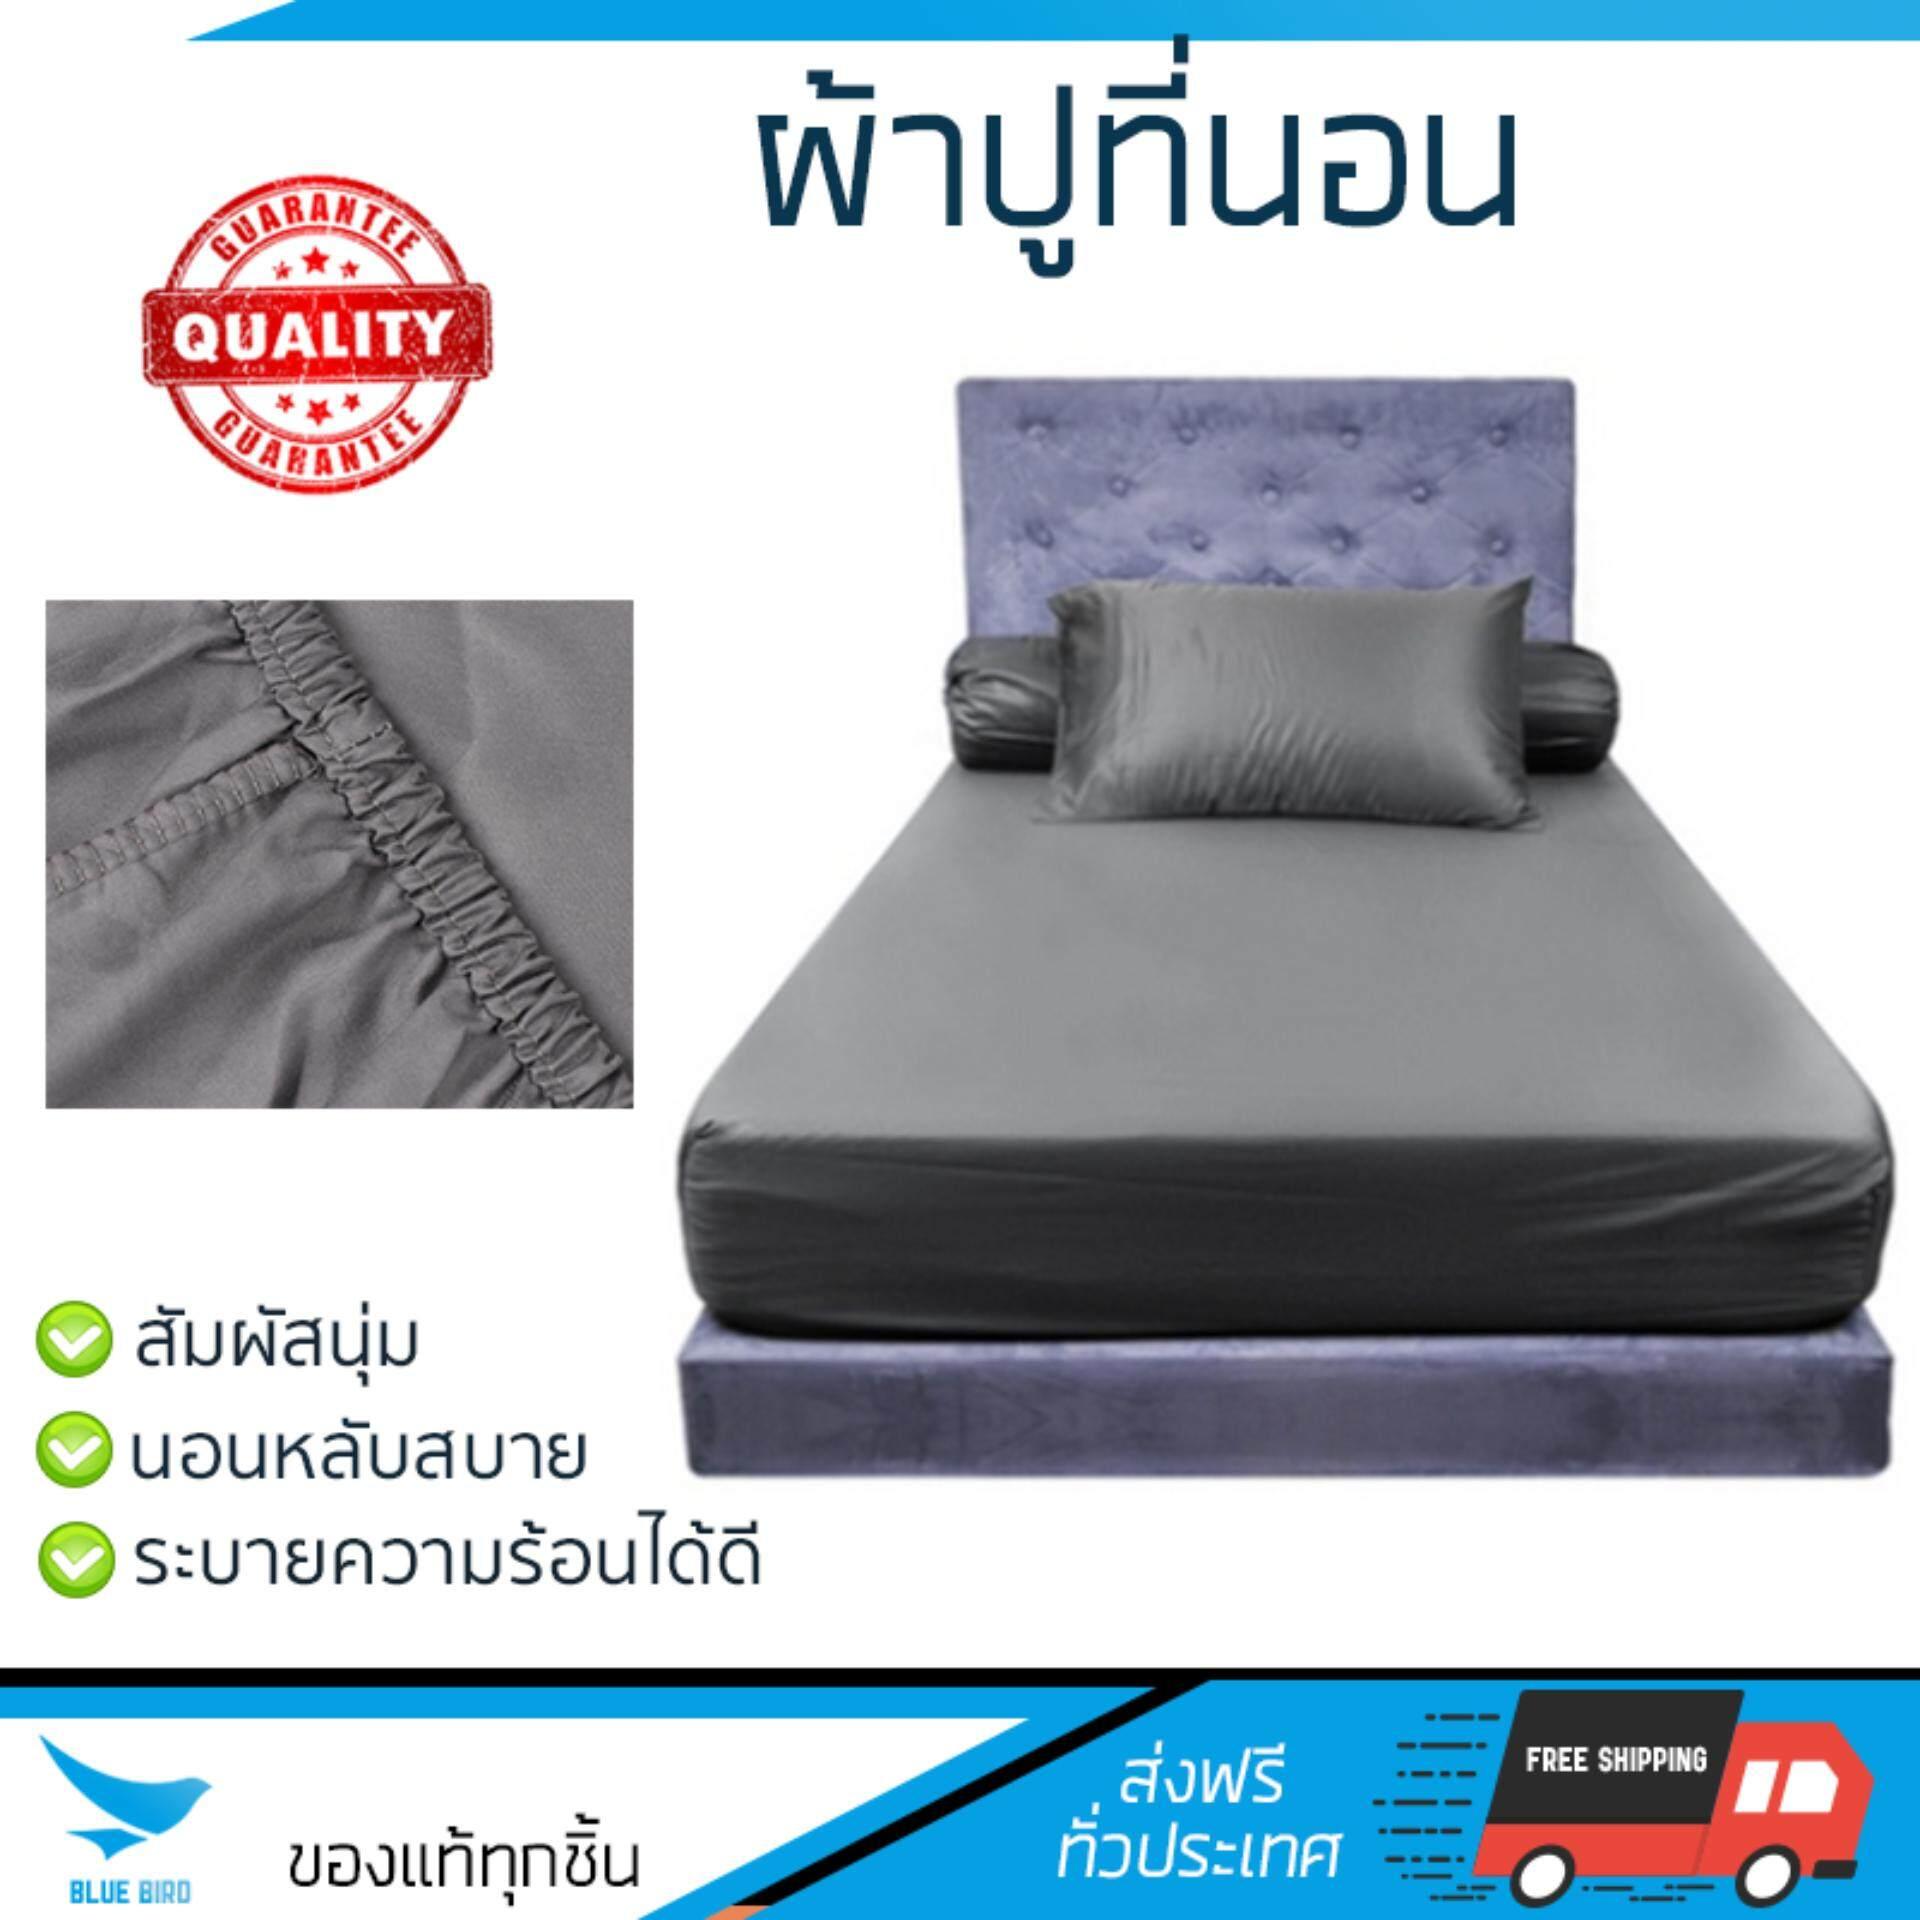 เก็บเงินปลายทางได้ ผ้าปูที่นอน ผ้าปูที่นอนกันไรฝุ่น ผ้าปู T3 HOME LIVING STYLE 375TC SHIN เทาเข้ม  HOME LIVING STYLE  ผ้าปู T3 HLS 375TC SHI สัมผัสนุ่ม นอนหลับสบาย เส้นใยทอพิเศษ ระบายความร้อนได้ดี กันเชื้อราและแบคทีเรีย Bed Sheet Set จัดส่งฟรี Kerry ทั่วประเทศ